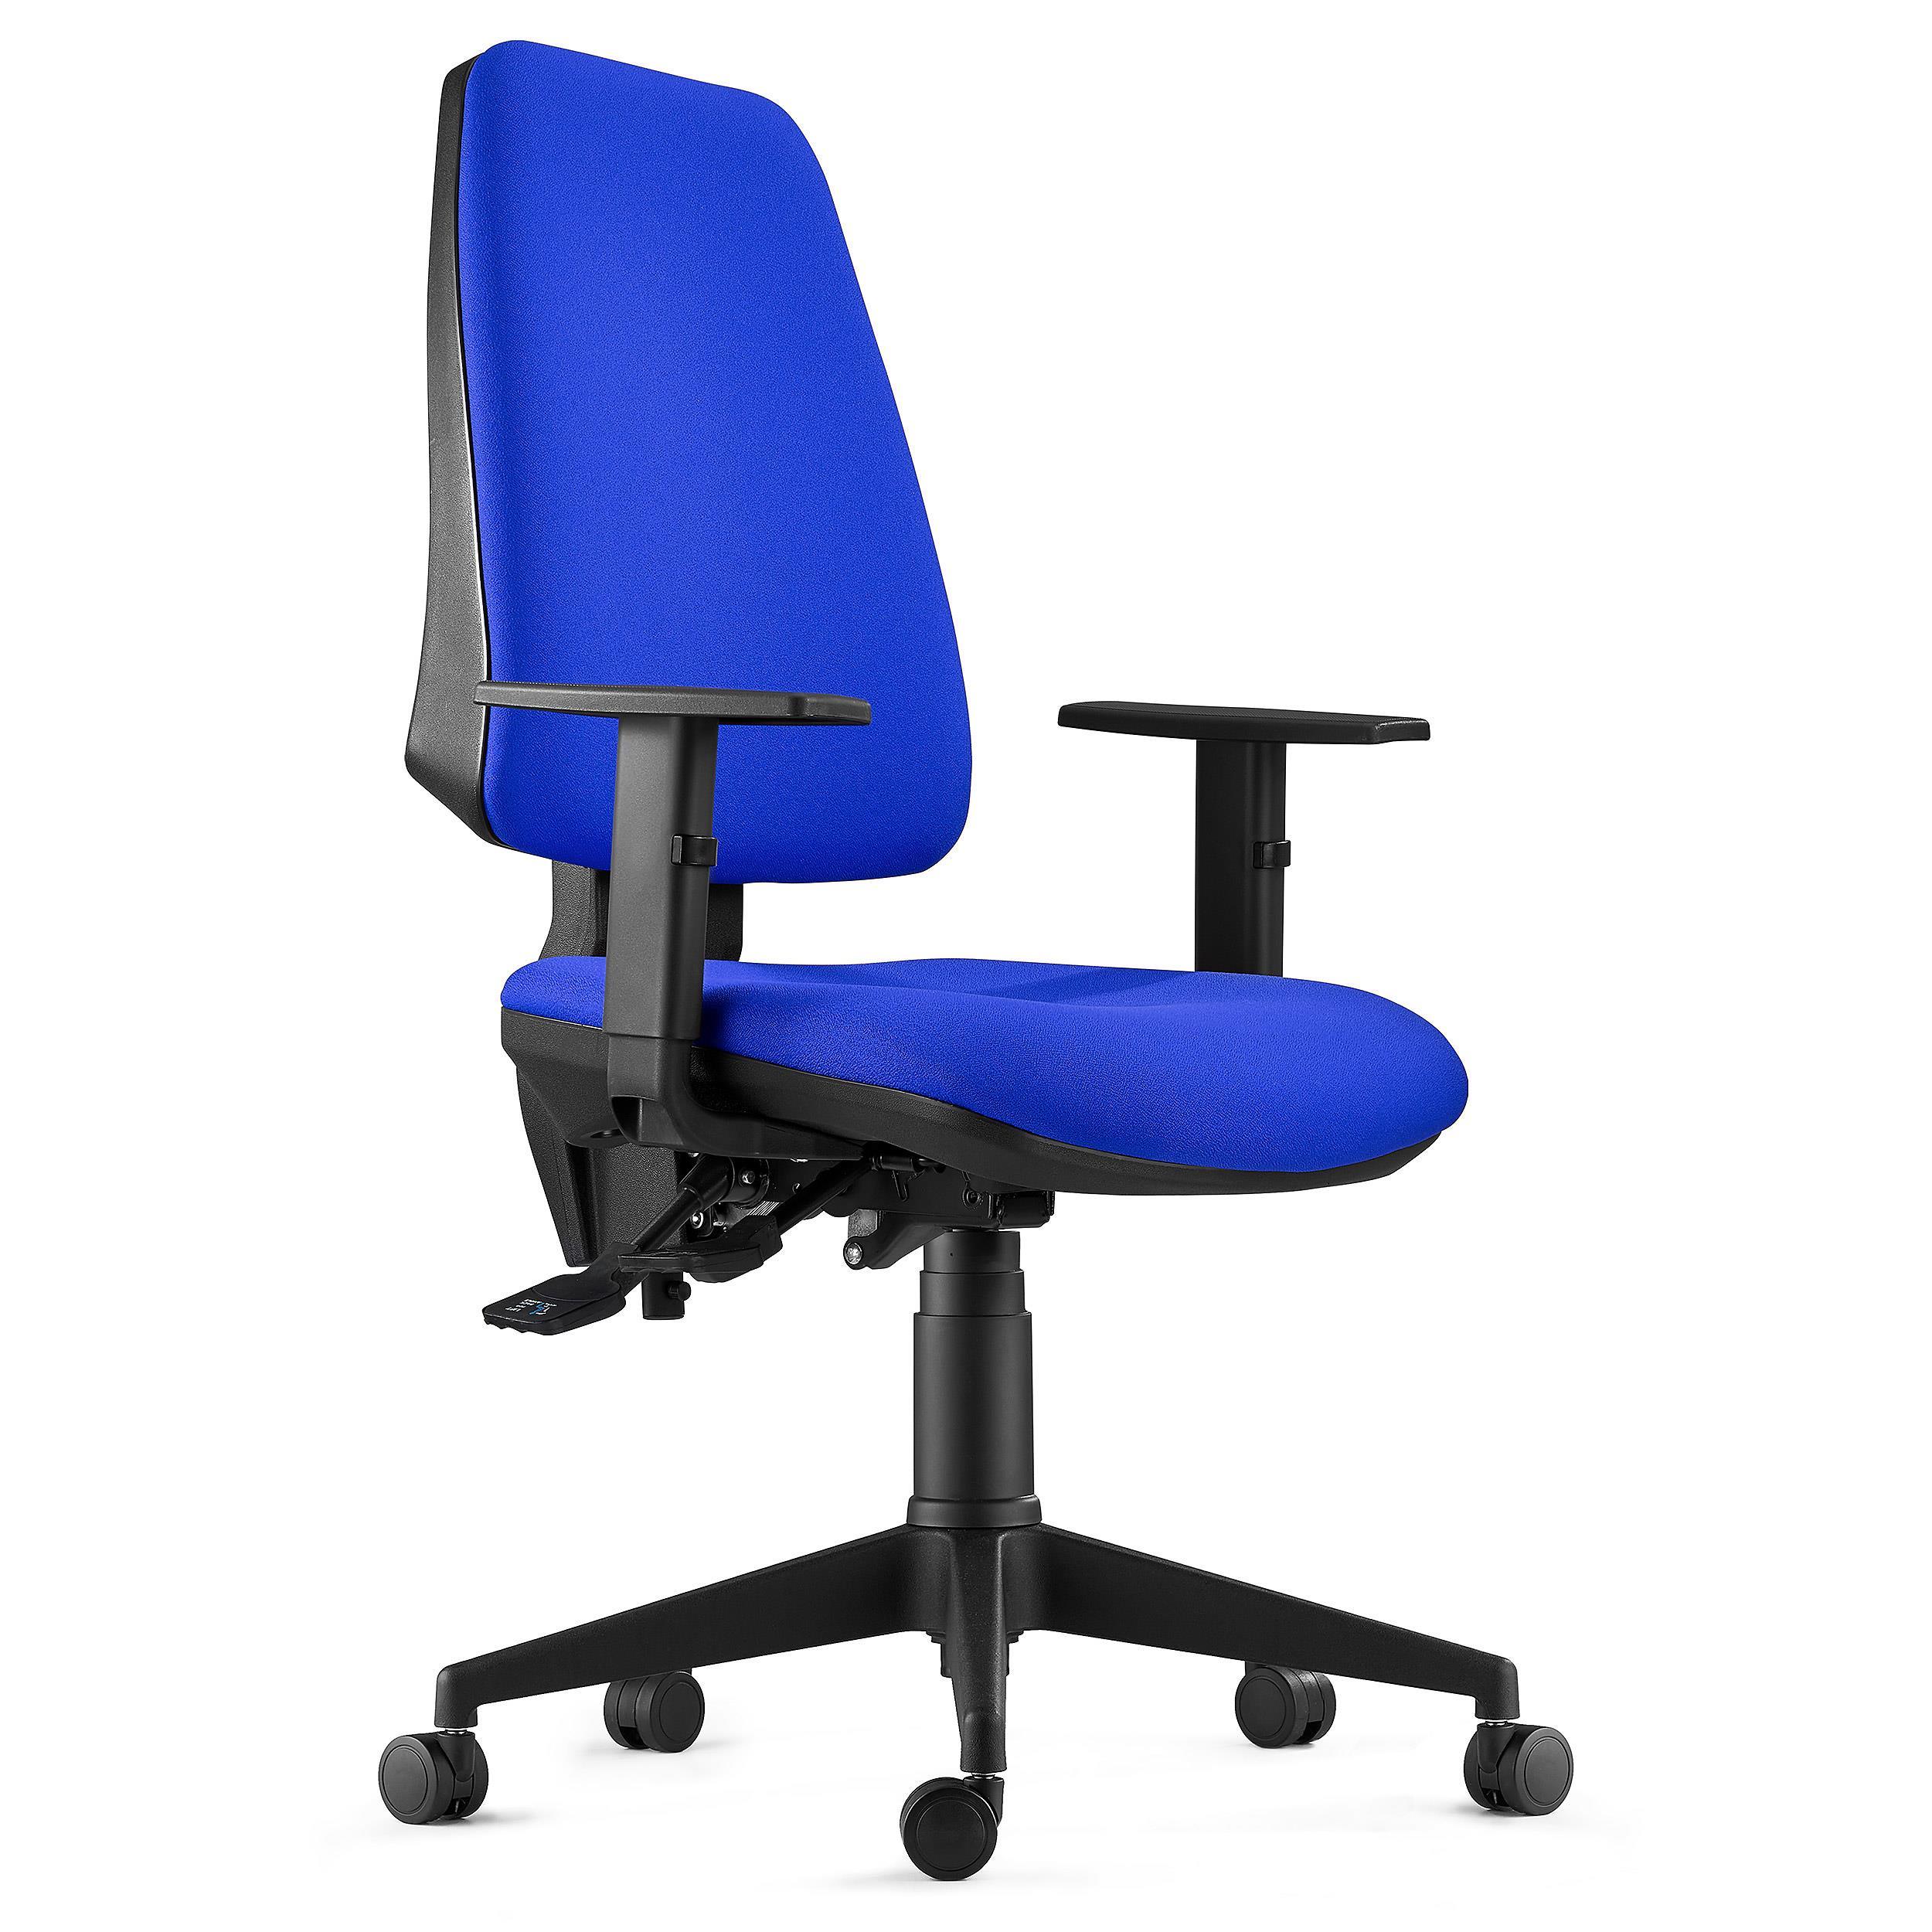 Sedia ergonomica indiana in tessuto ignifugo color blu for Sedia ergonomica